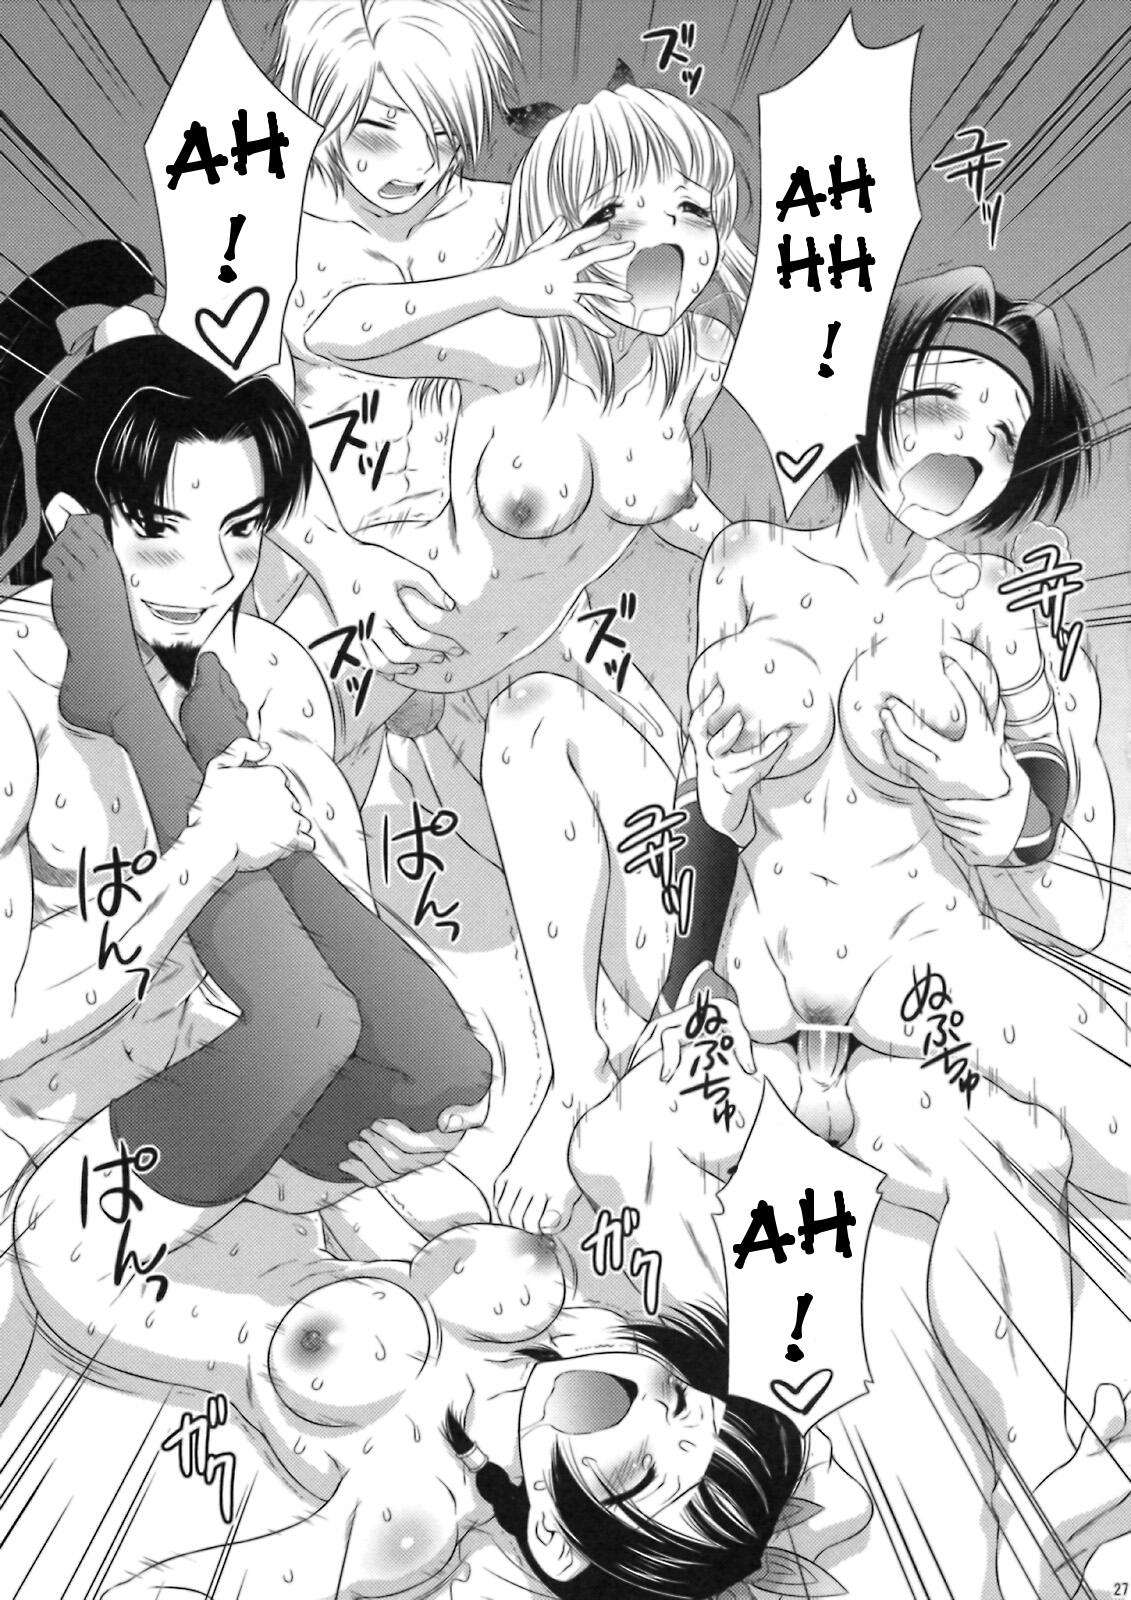 Diaochan - Dynasty Warriors Hentai - Hentai Manga & Doujinshi